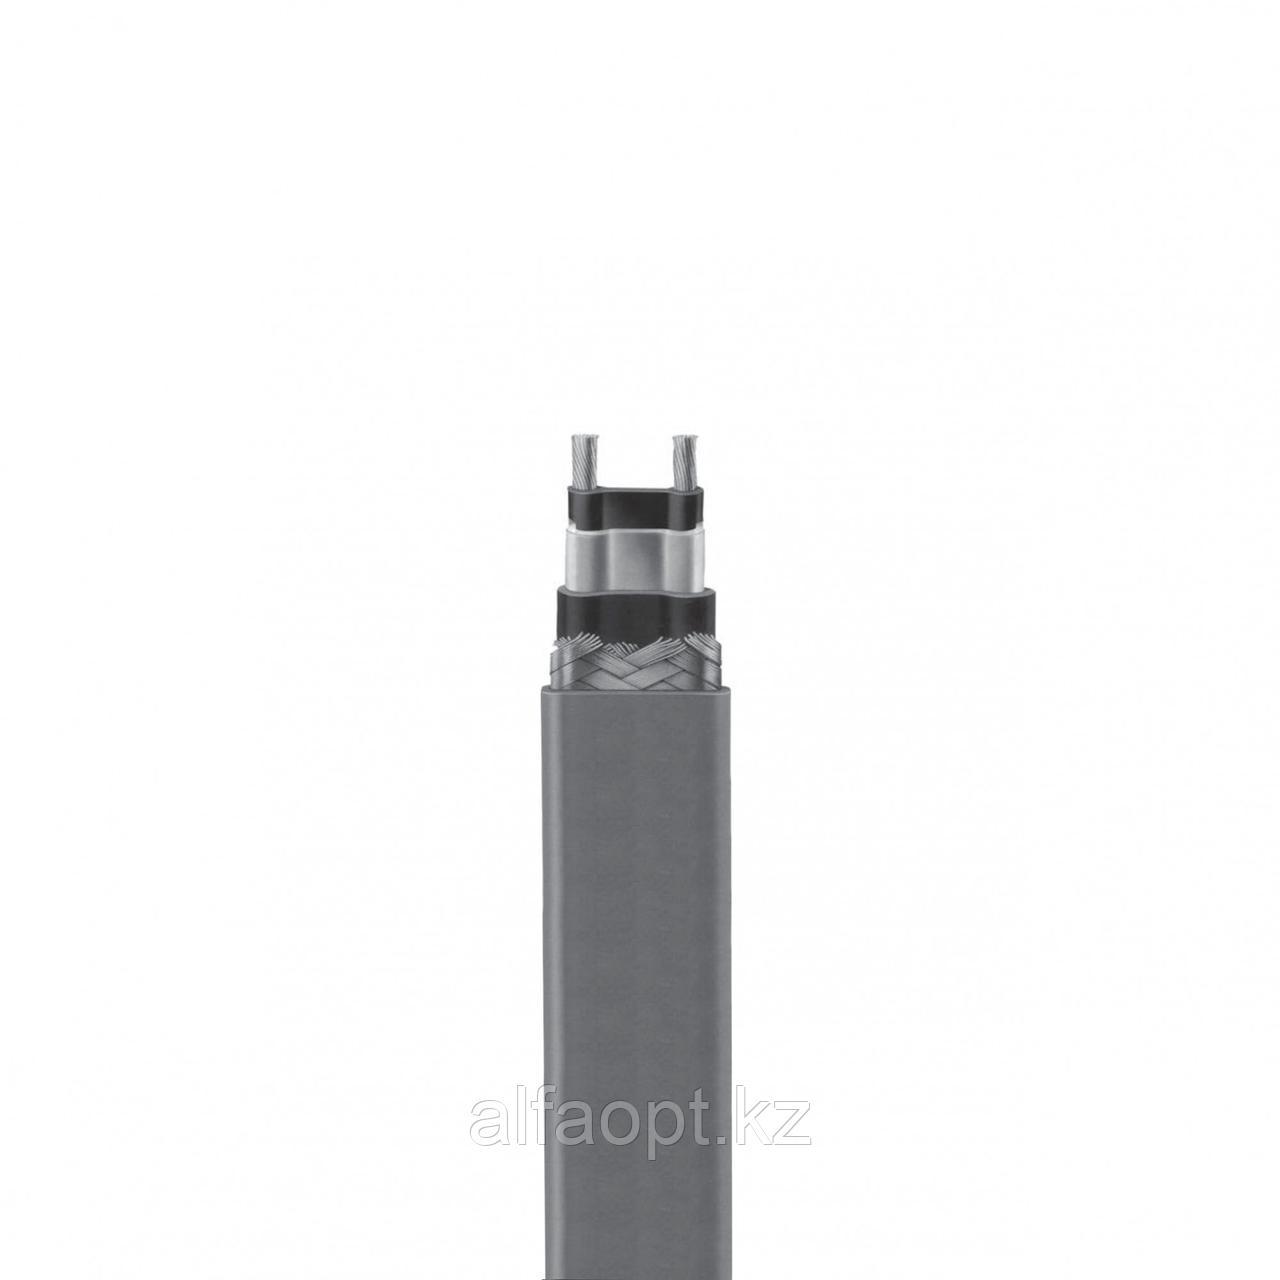 Саморегулирующийся нагревательный кабель NELSON LT-210 – JT